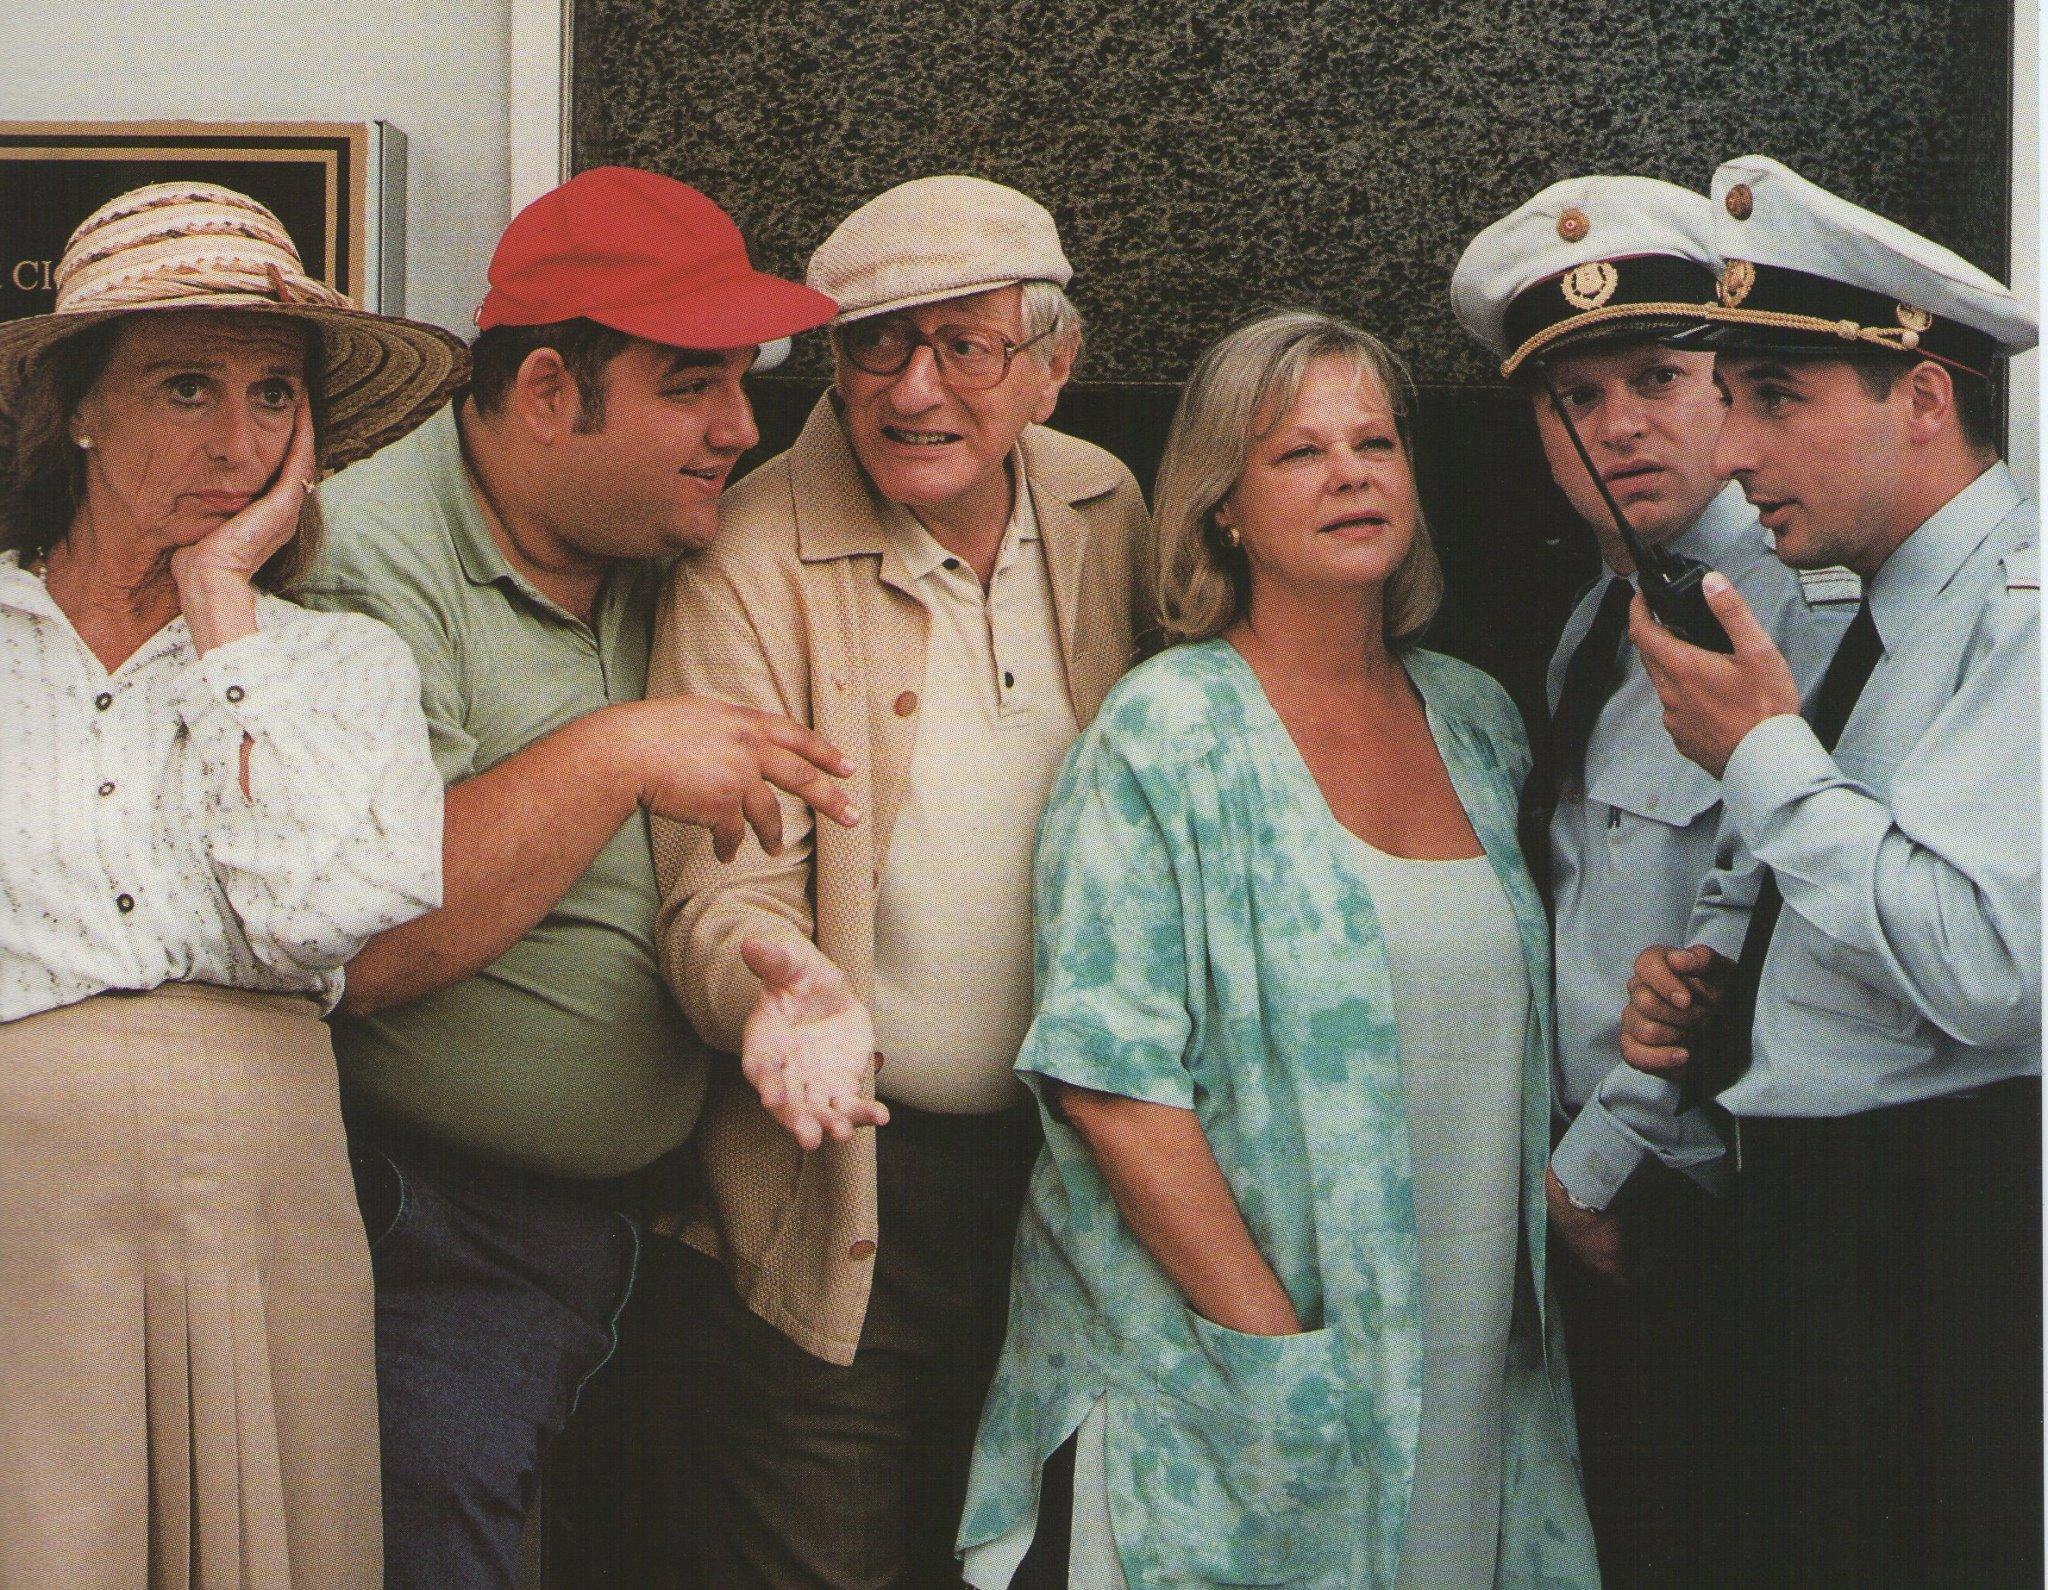 Christoph Fälbl, Walter Langer, Marianne Mendt, Reinhard Nowak, Gerald Pichowetz, and Ellen Umlauf in Kaisermühlen Blues (1992)